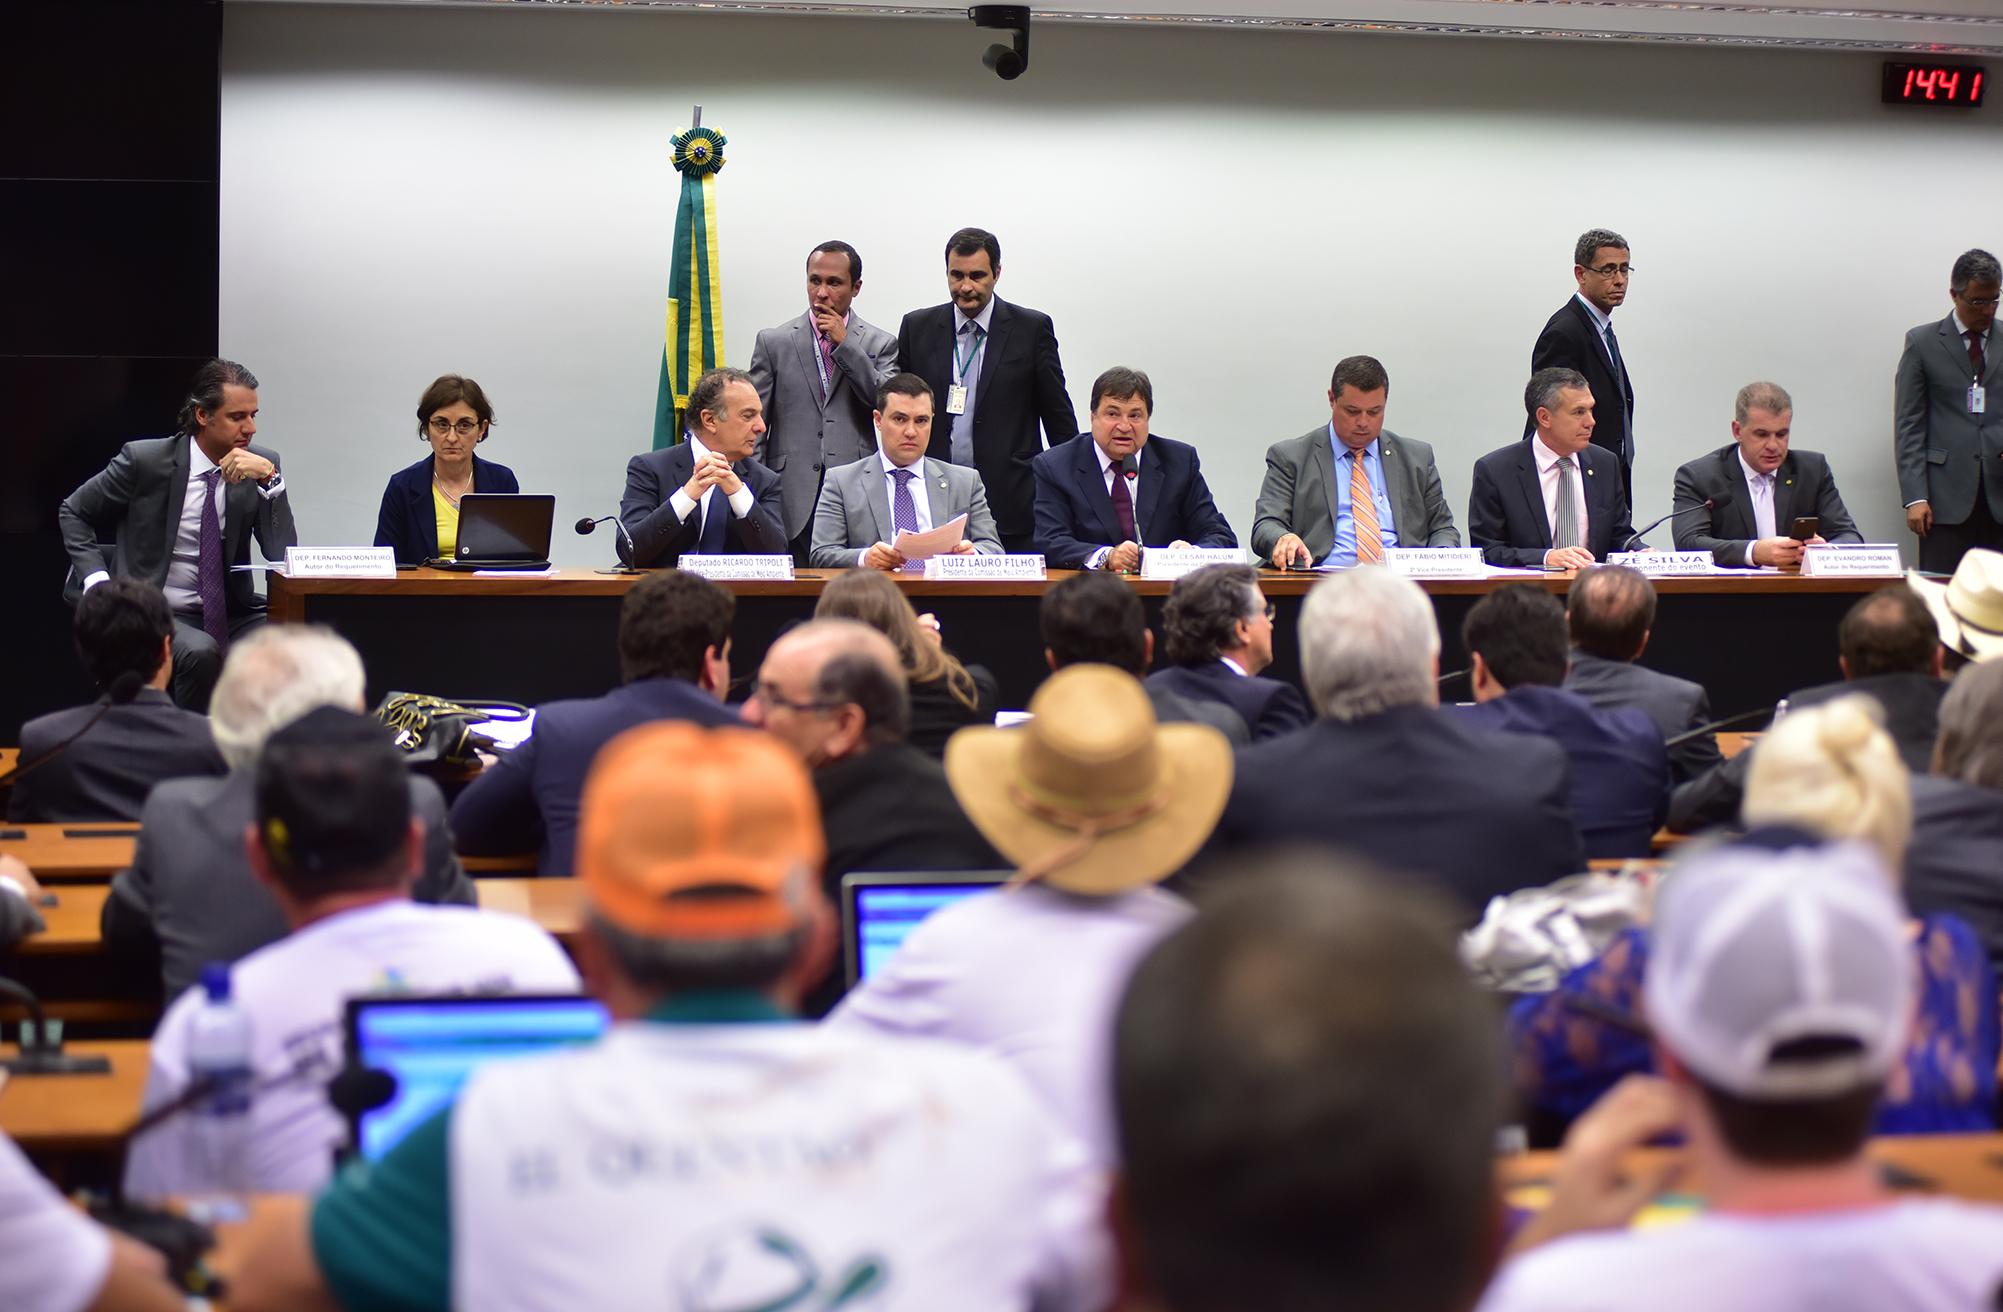 Audiência conjunta das comissões de Esporte (CESPO) e de Meio Ambiente e Desenvolvimento Sustentável (CMADS) para discutir o esporte da Vaquejada, sua Evolução e o Crescimento Econômico Gerado em Torno da sua Prática